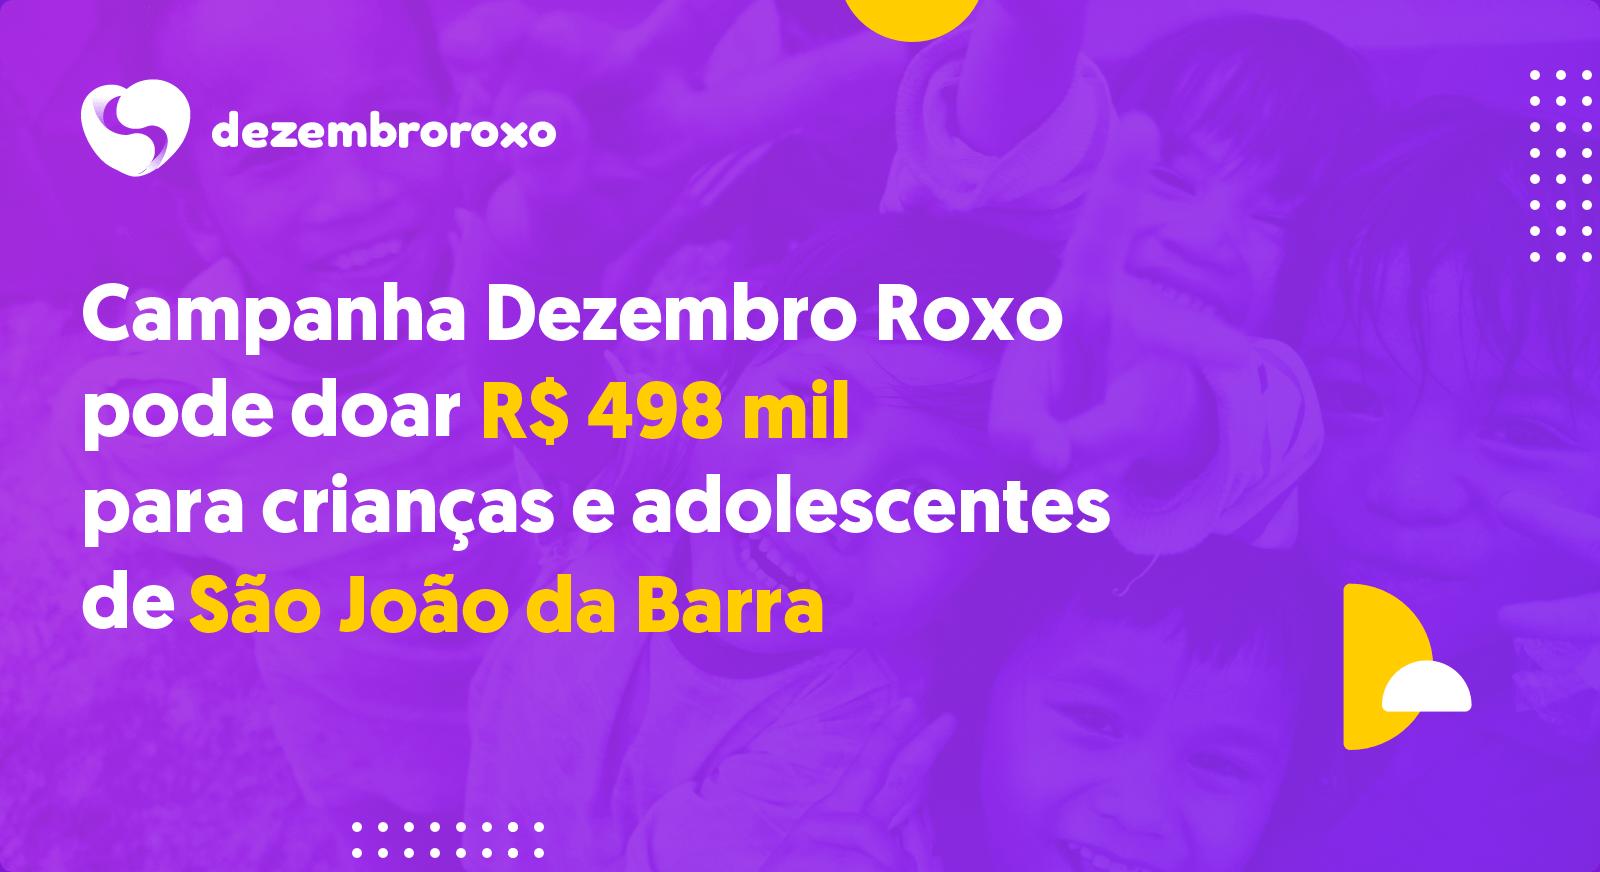 Doações em São João da Barra - RJ